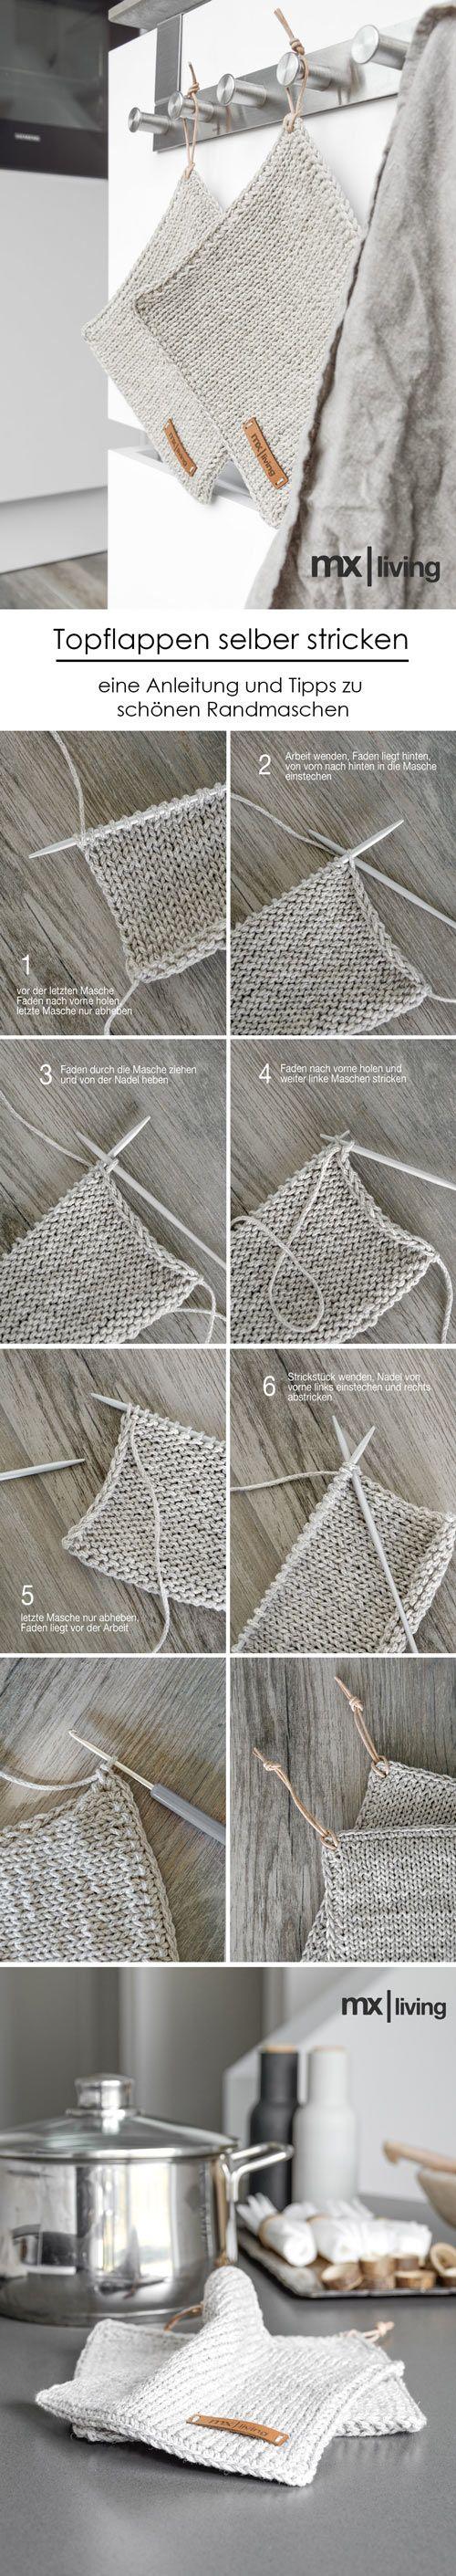 meine gestrickten Topflappen mit dem Lederlabel jetzt als einfache Schritt für Schritt Anleitung auf dem Blog! #Topflappen #DIY #Lederlabel #selbermachen